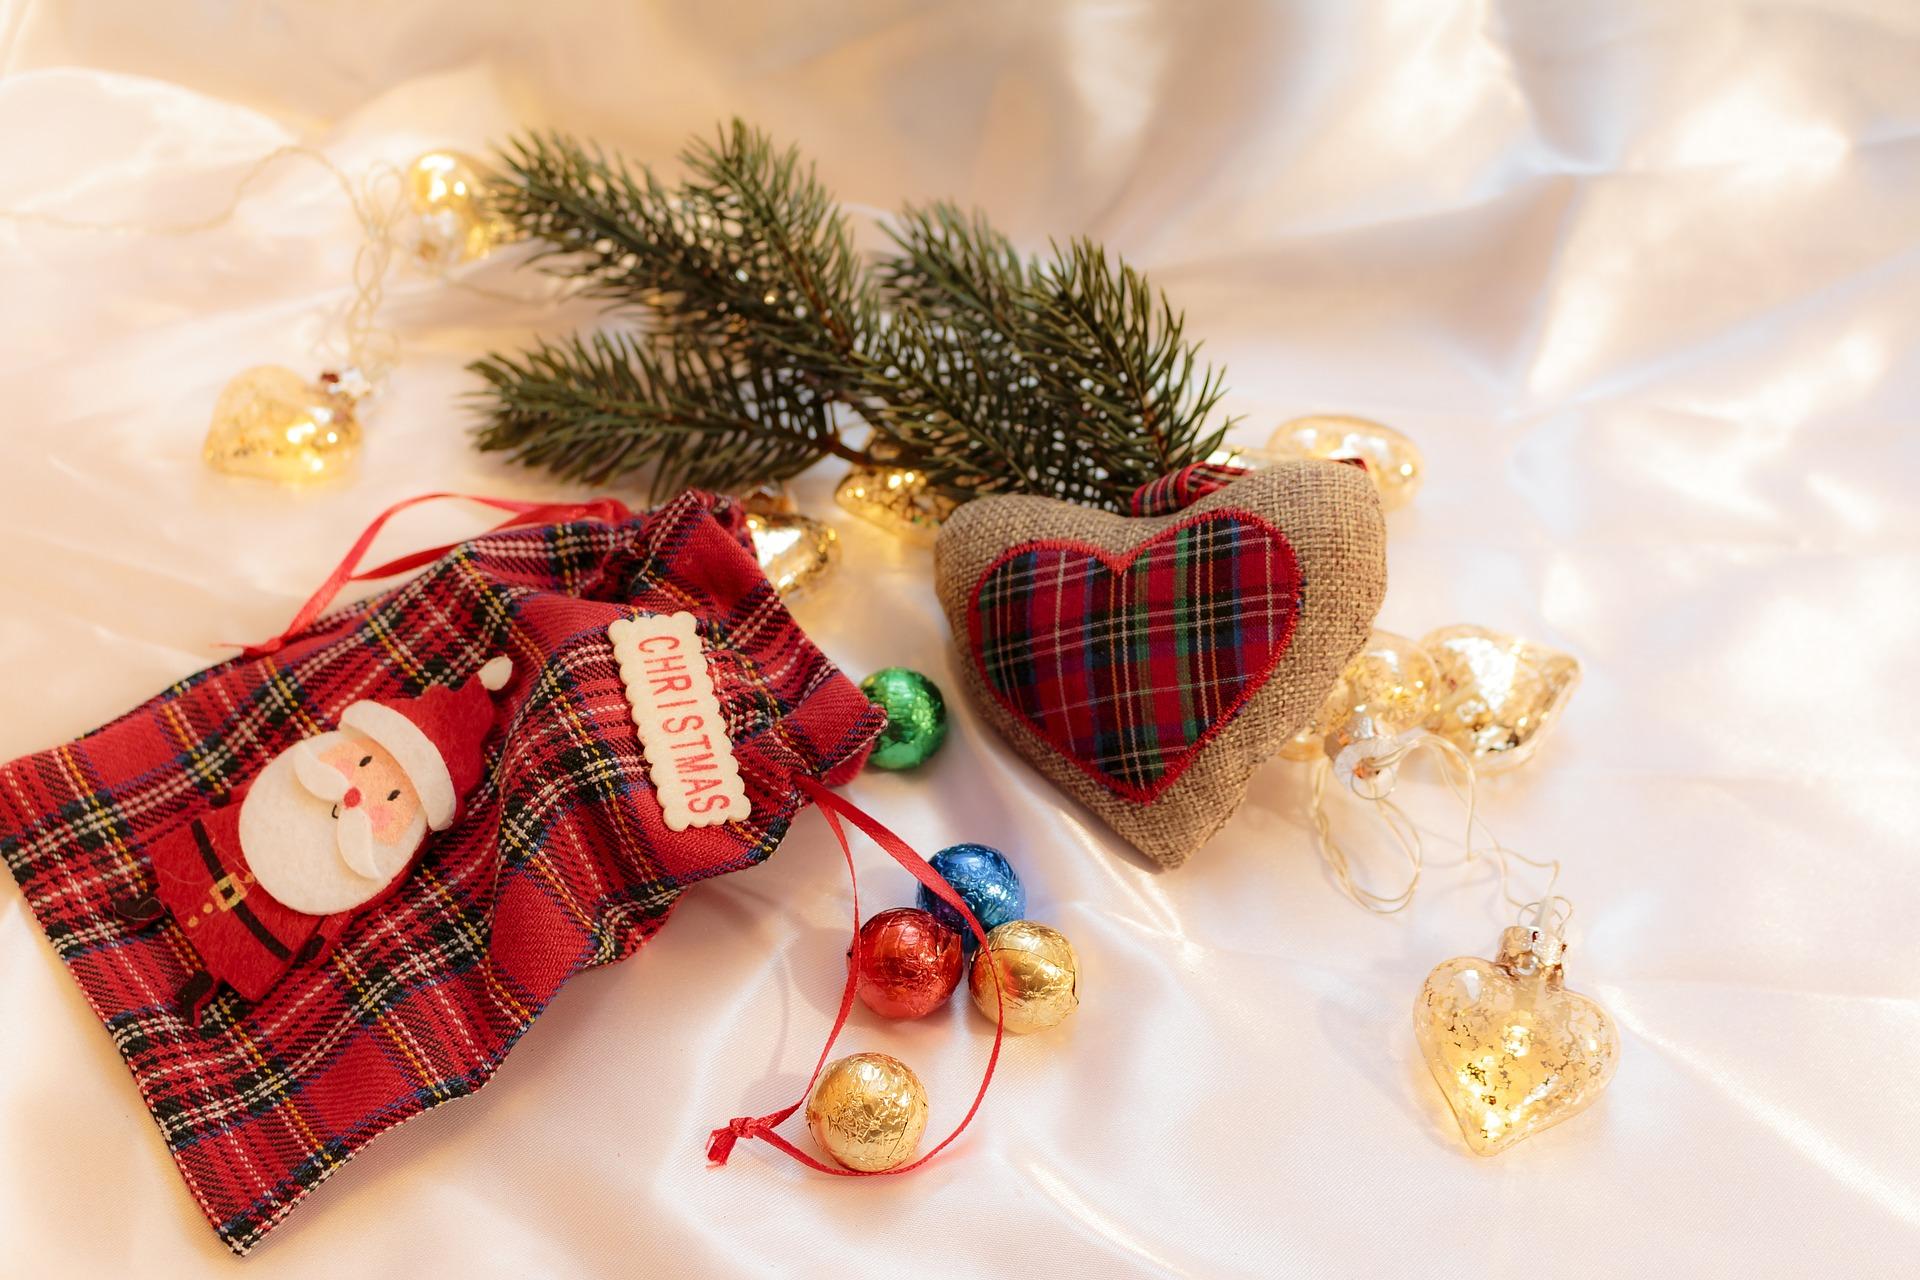 Sfondo Natalizio - Sfondi desktop decorazioni natalizie